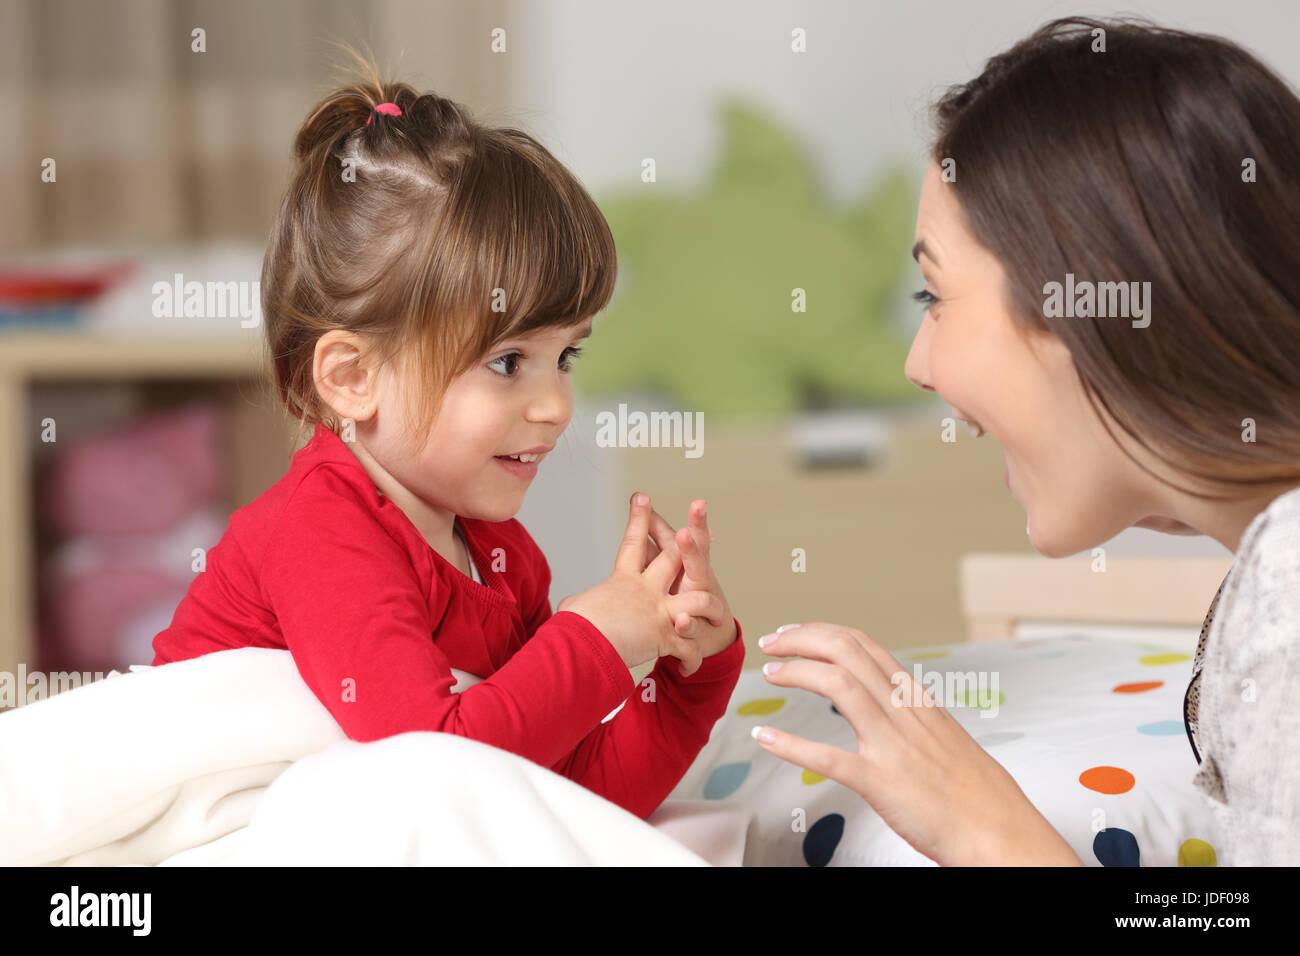 La madre e il bambino che indossa camicia rossa insieme giocando su un letto in camera da letto a casa Immagini Stock